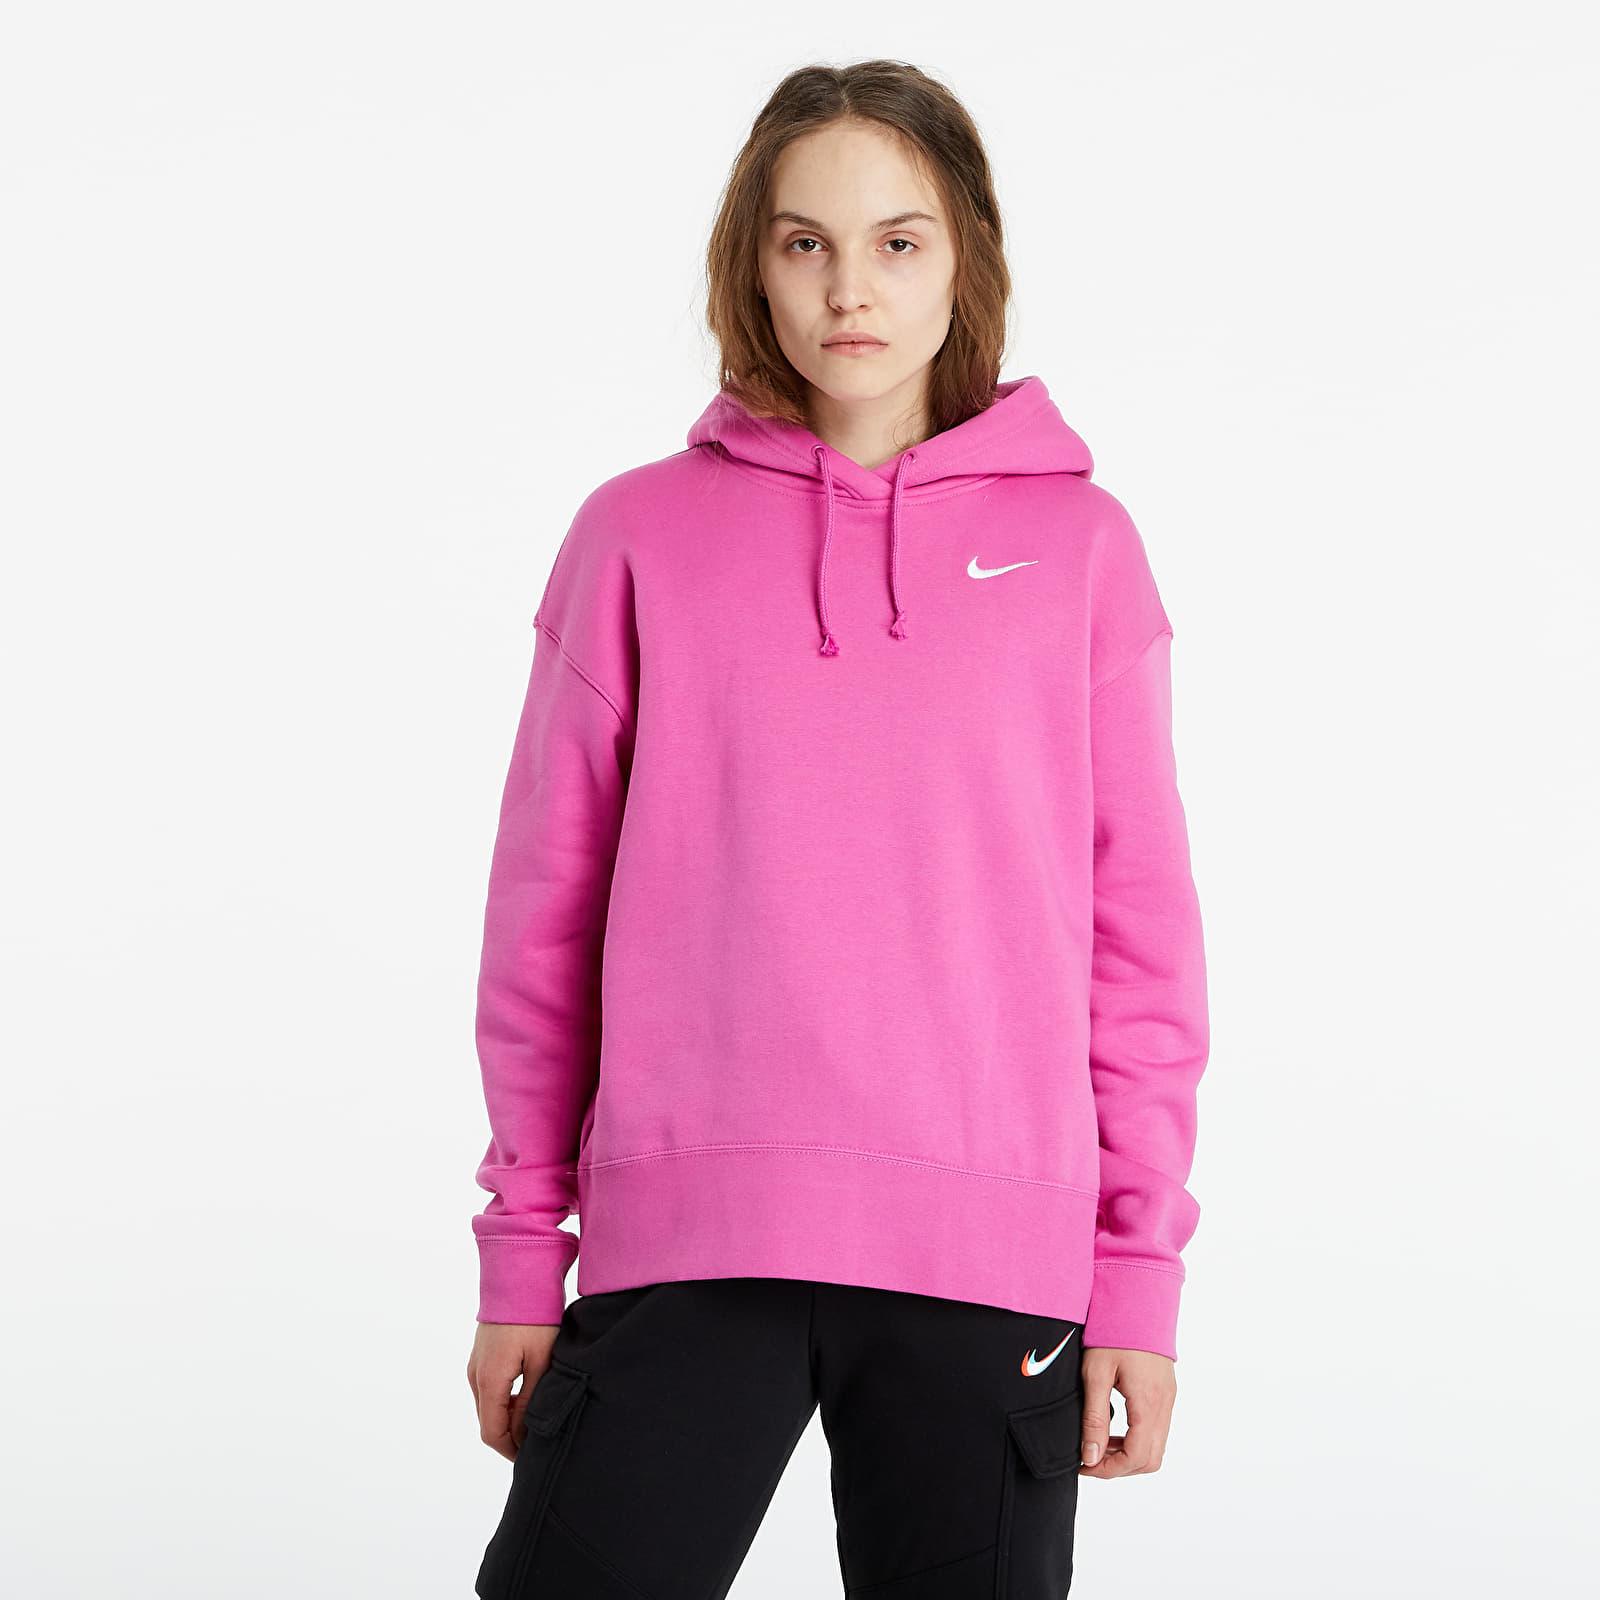 Levně Nike Sportswear Women's Fleece Hoodie Active Fuchsia/ White